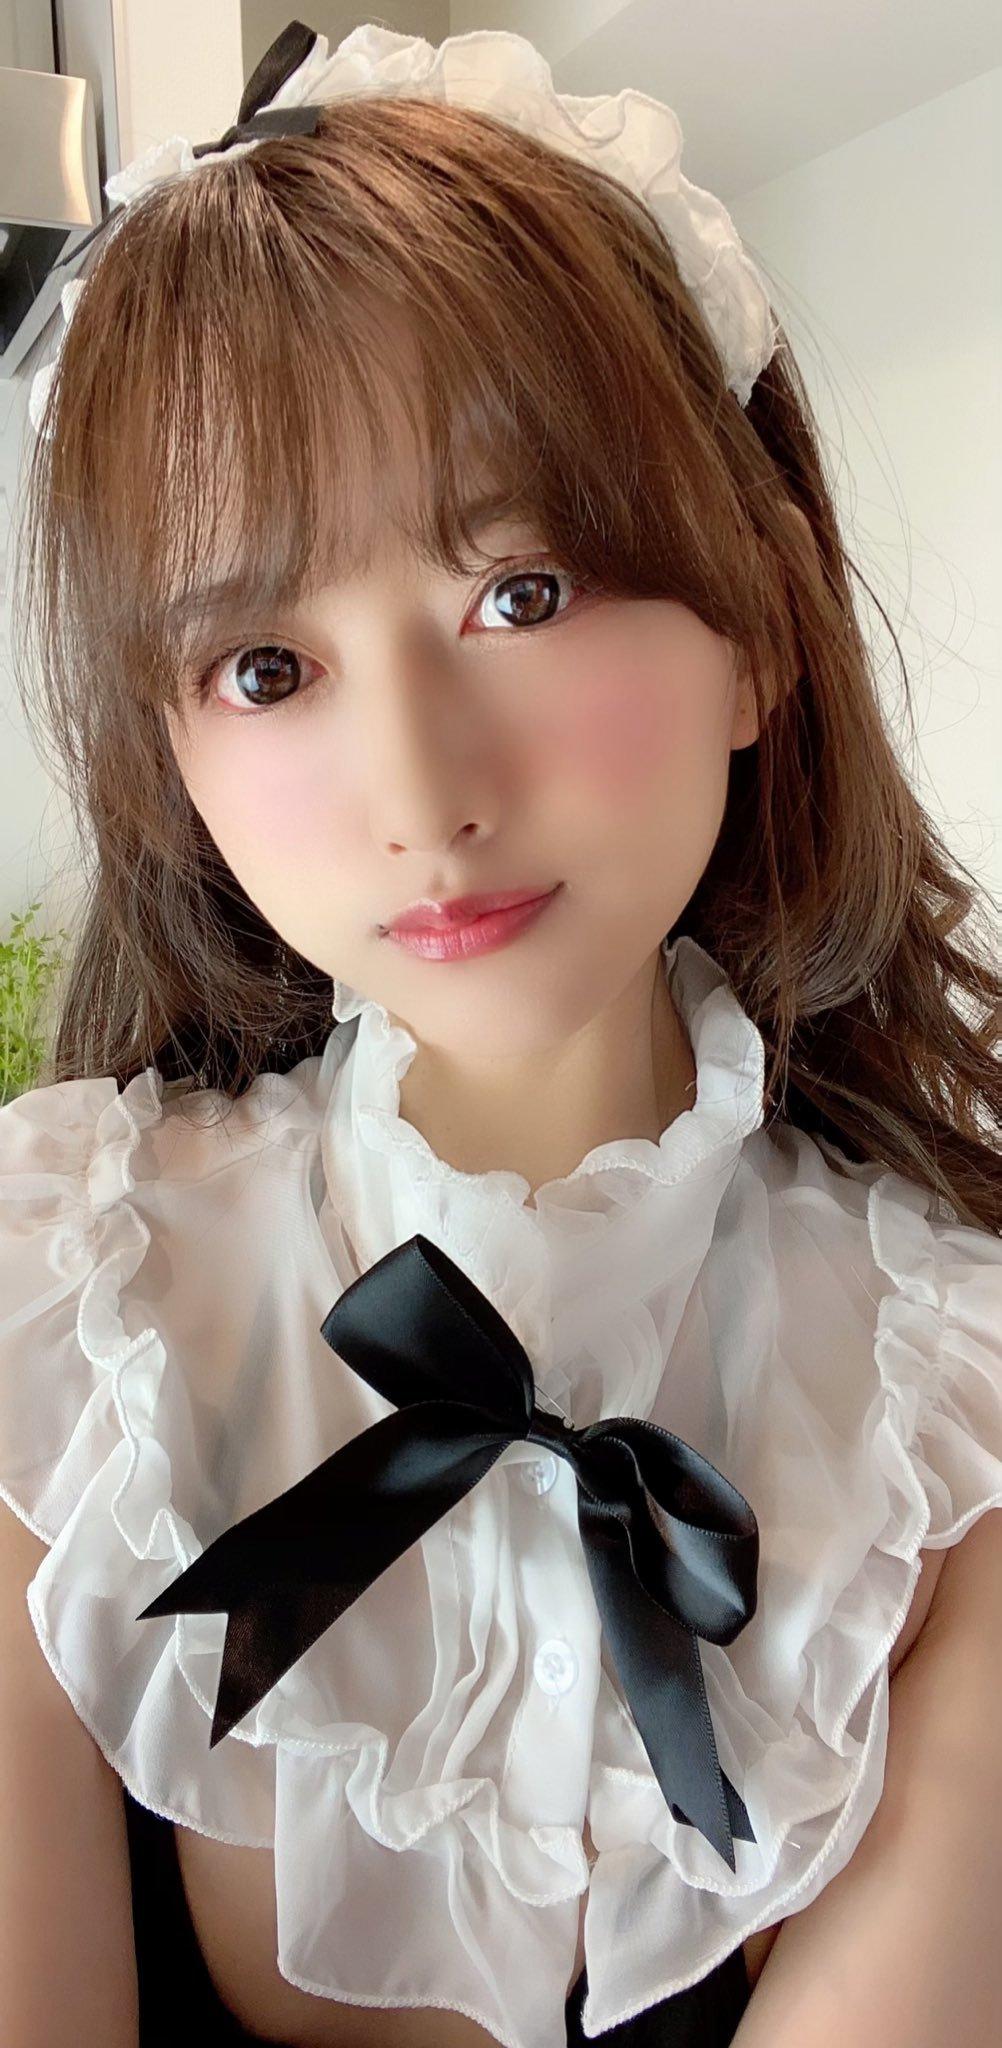 airi_kijima 1267425820705869824_p0